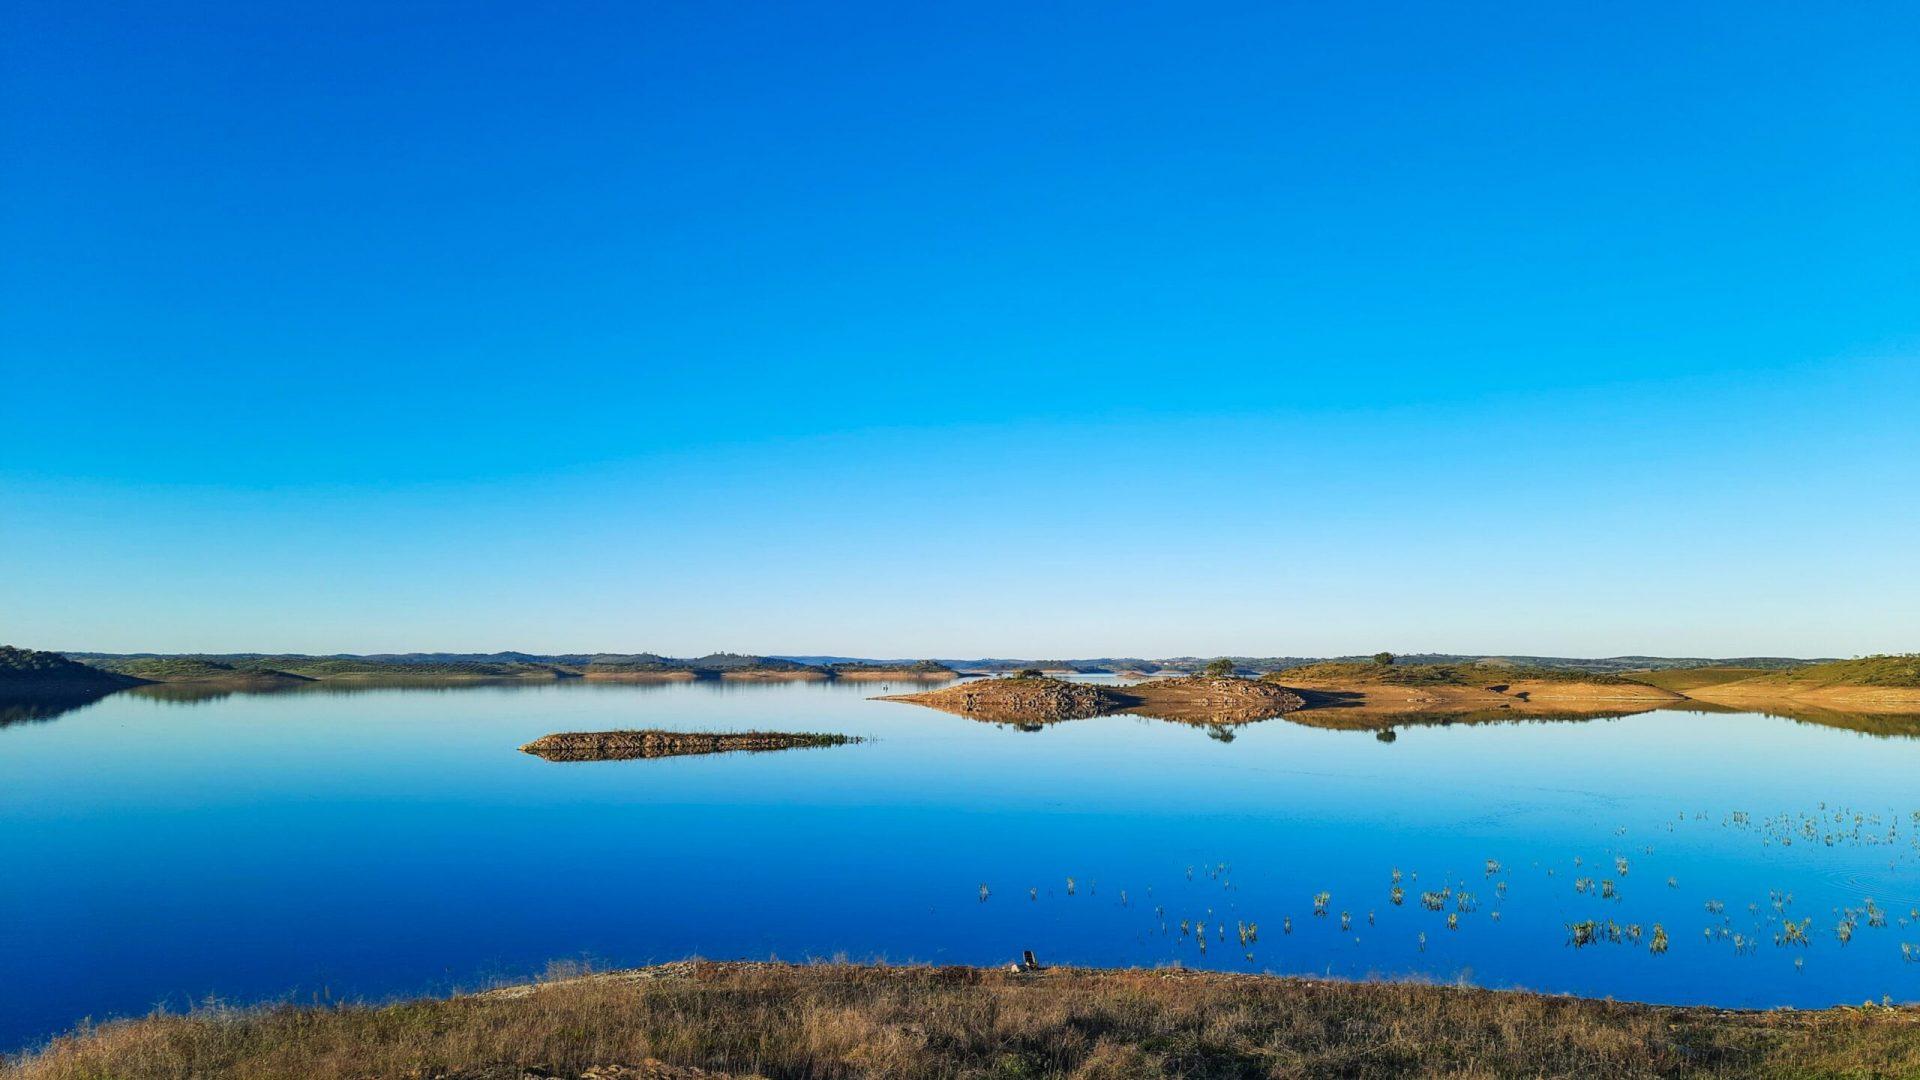 lago artificiale, risorsa idroelettrica